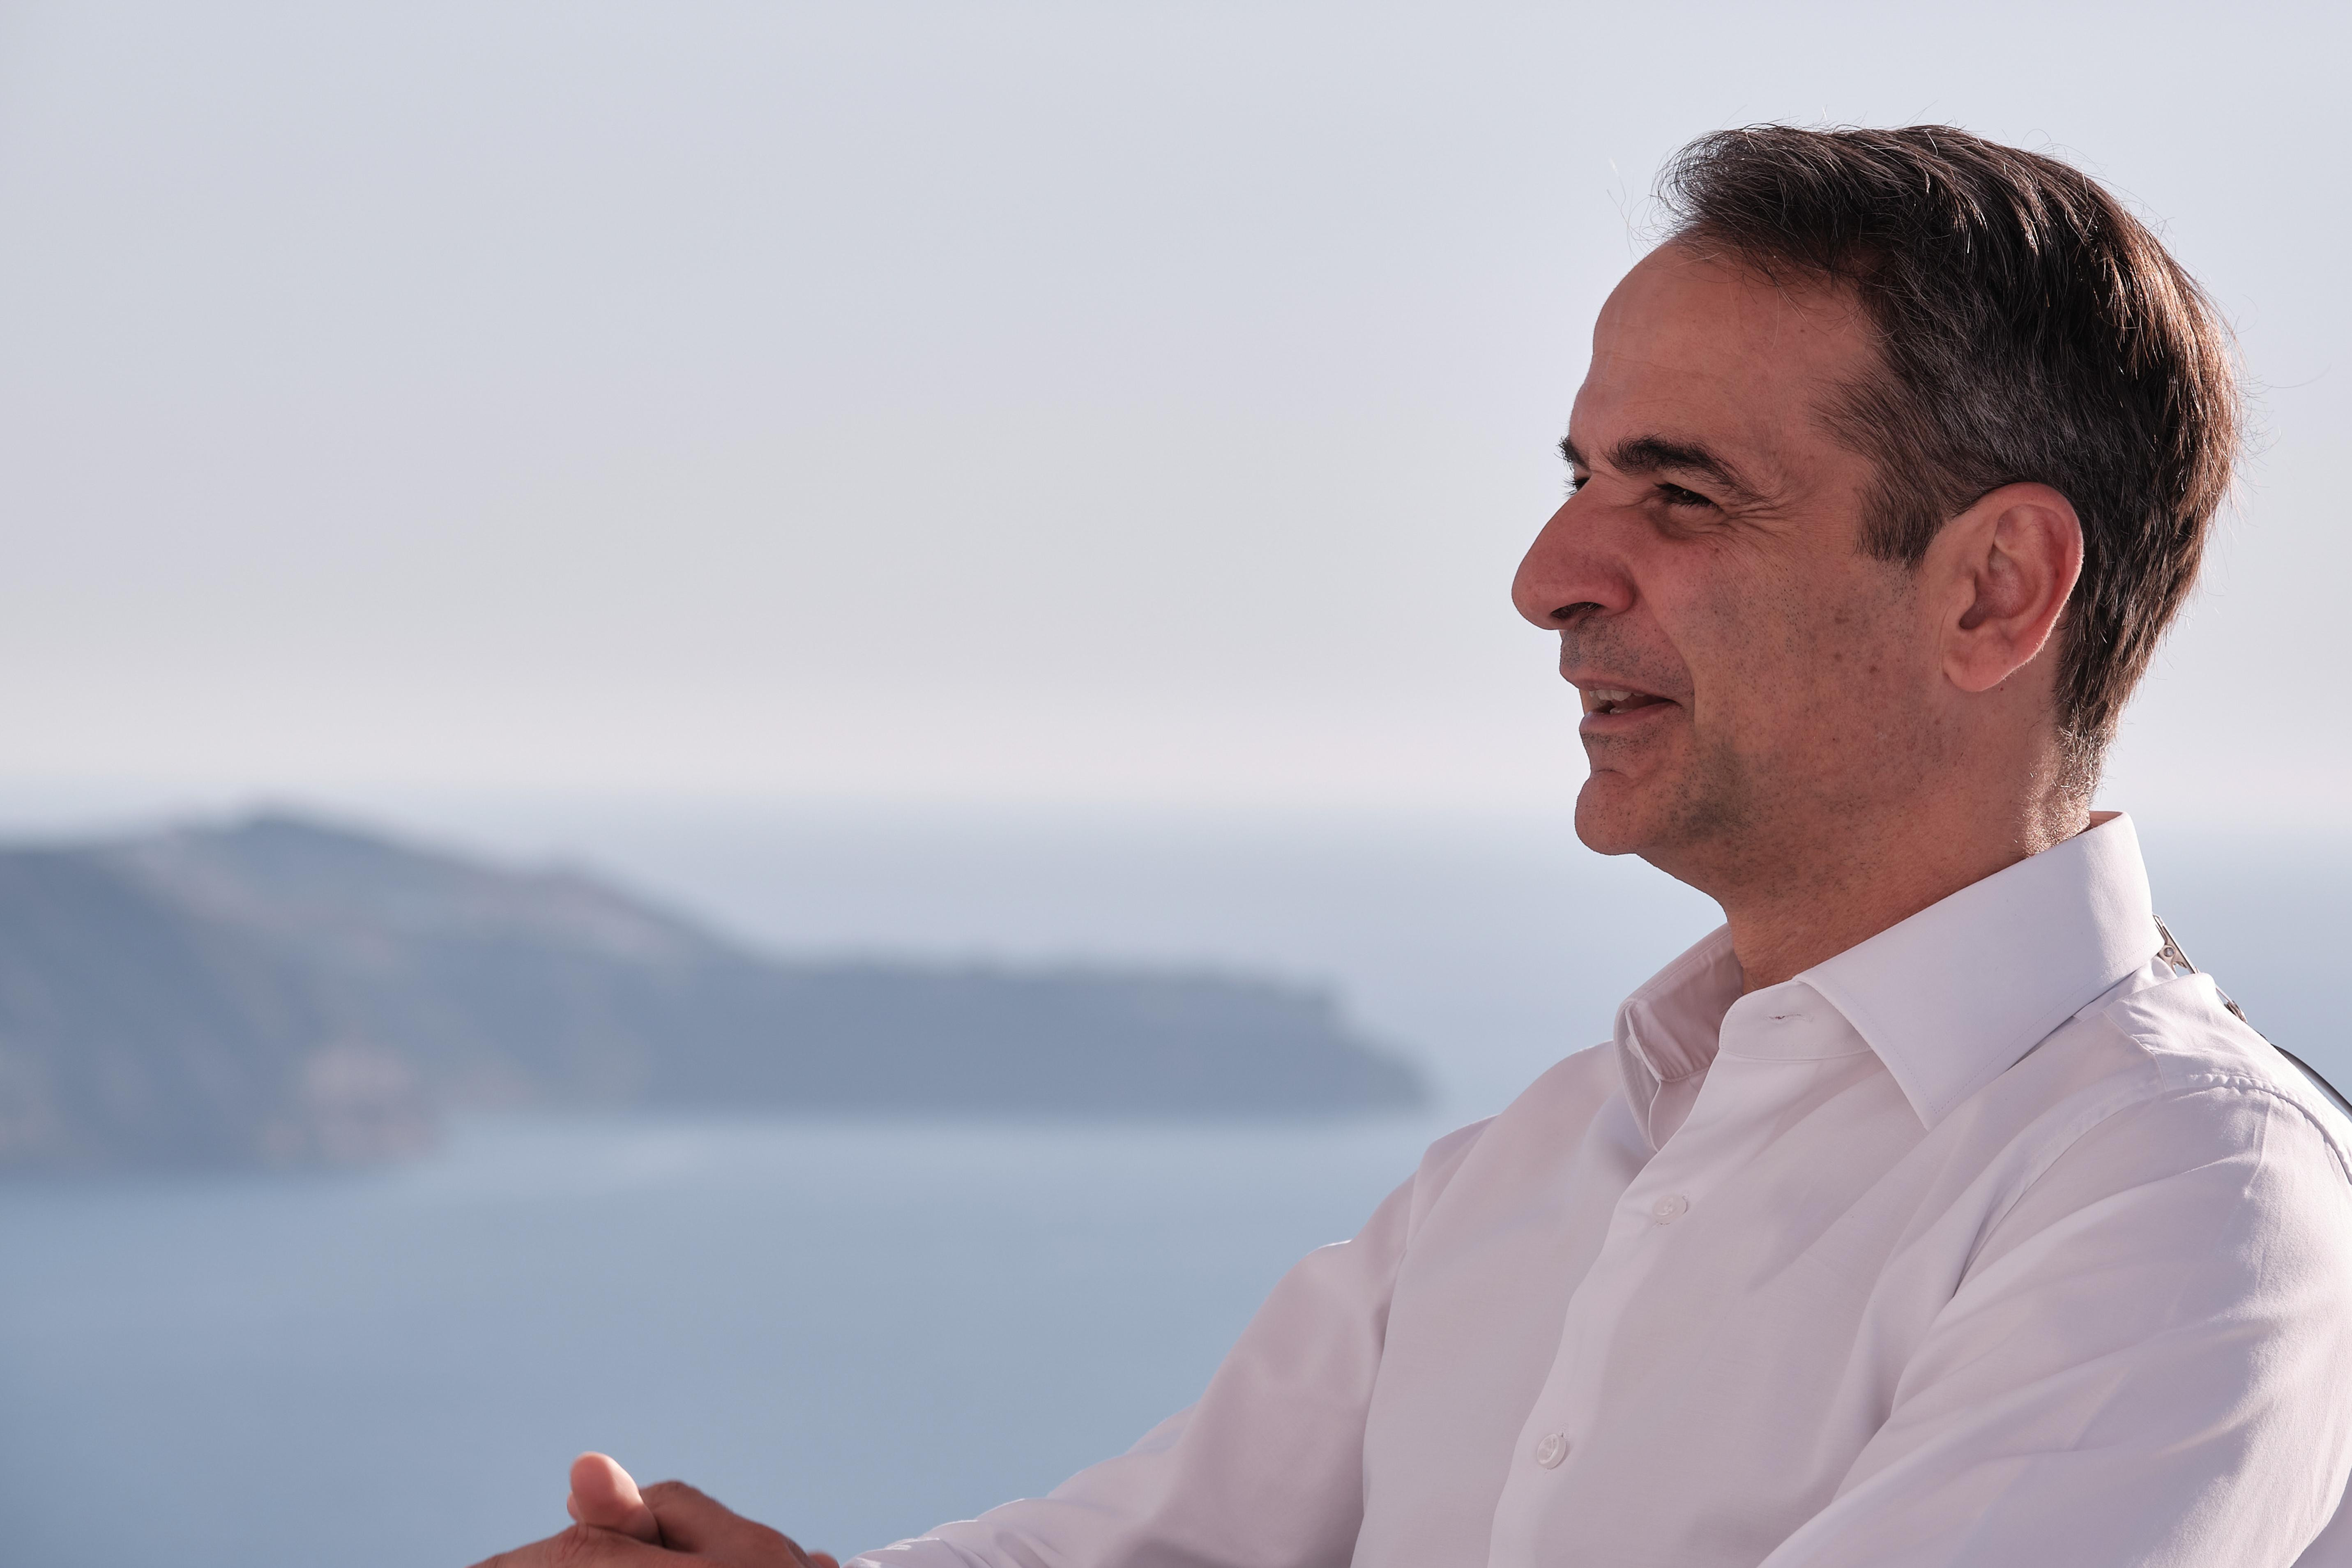 1 χρόνος κυβέρνηση Μητσοτάκη σε ένα βίντεο